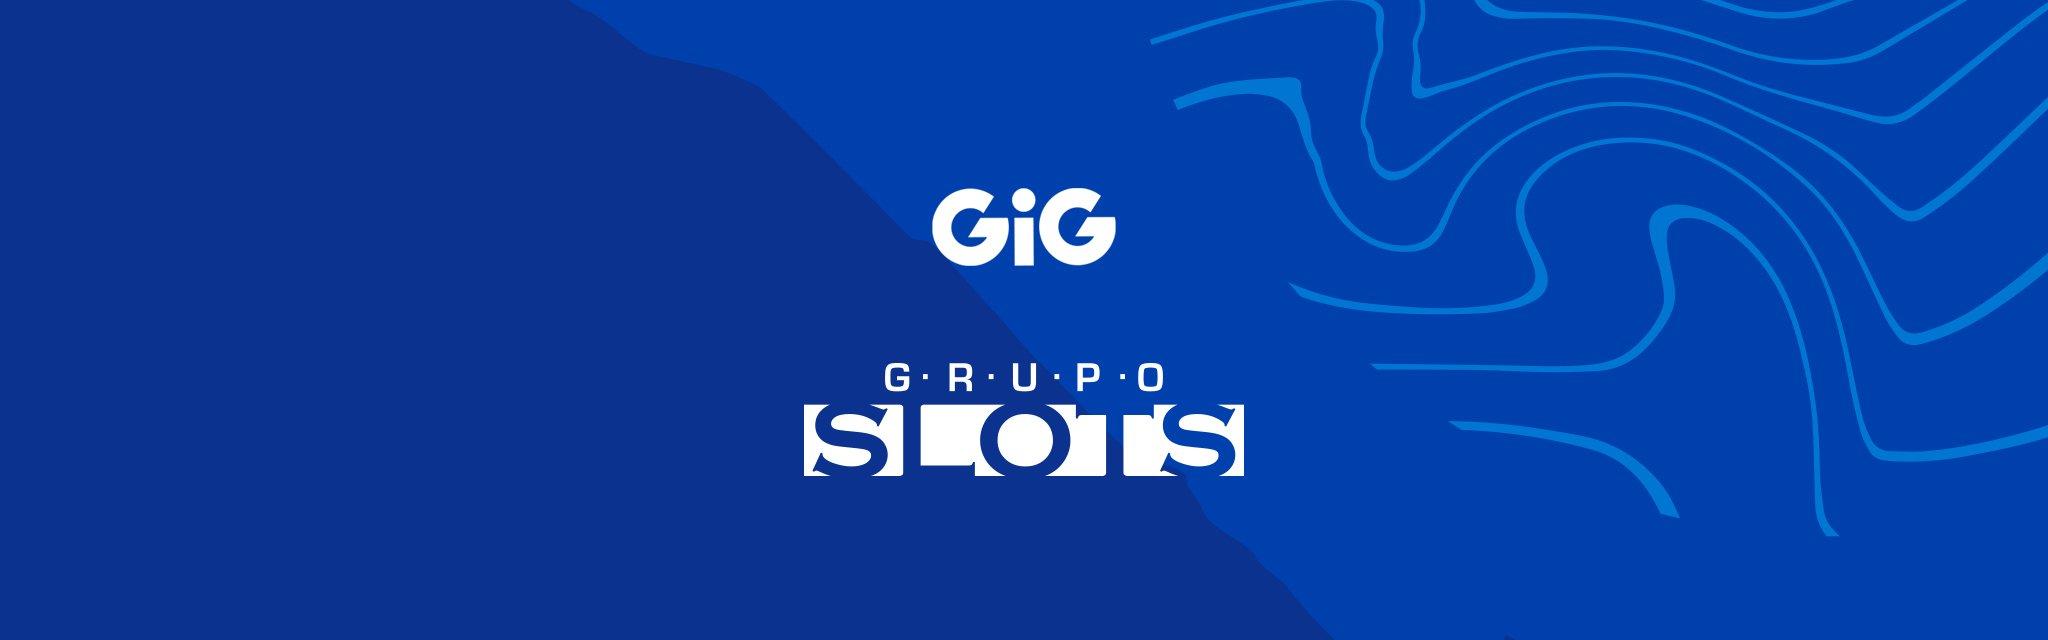 GiG Grupo Slots